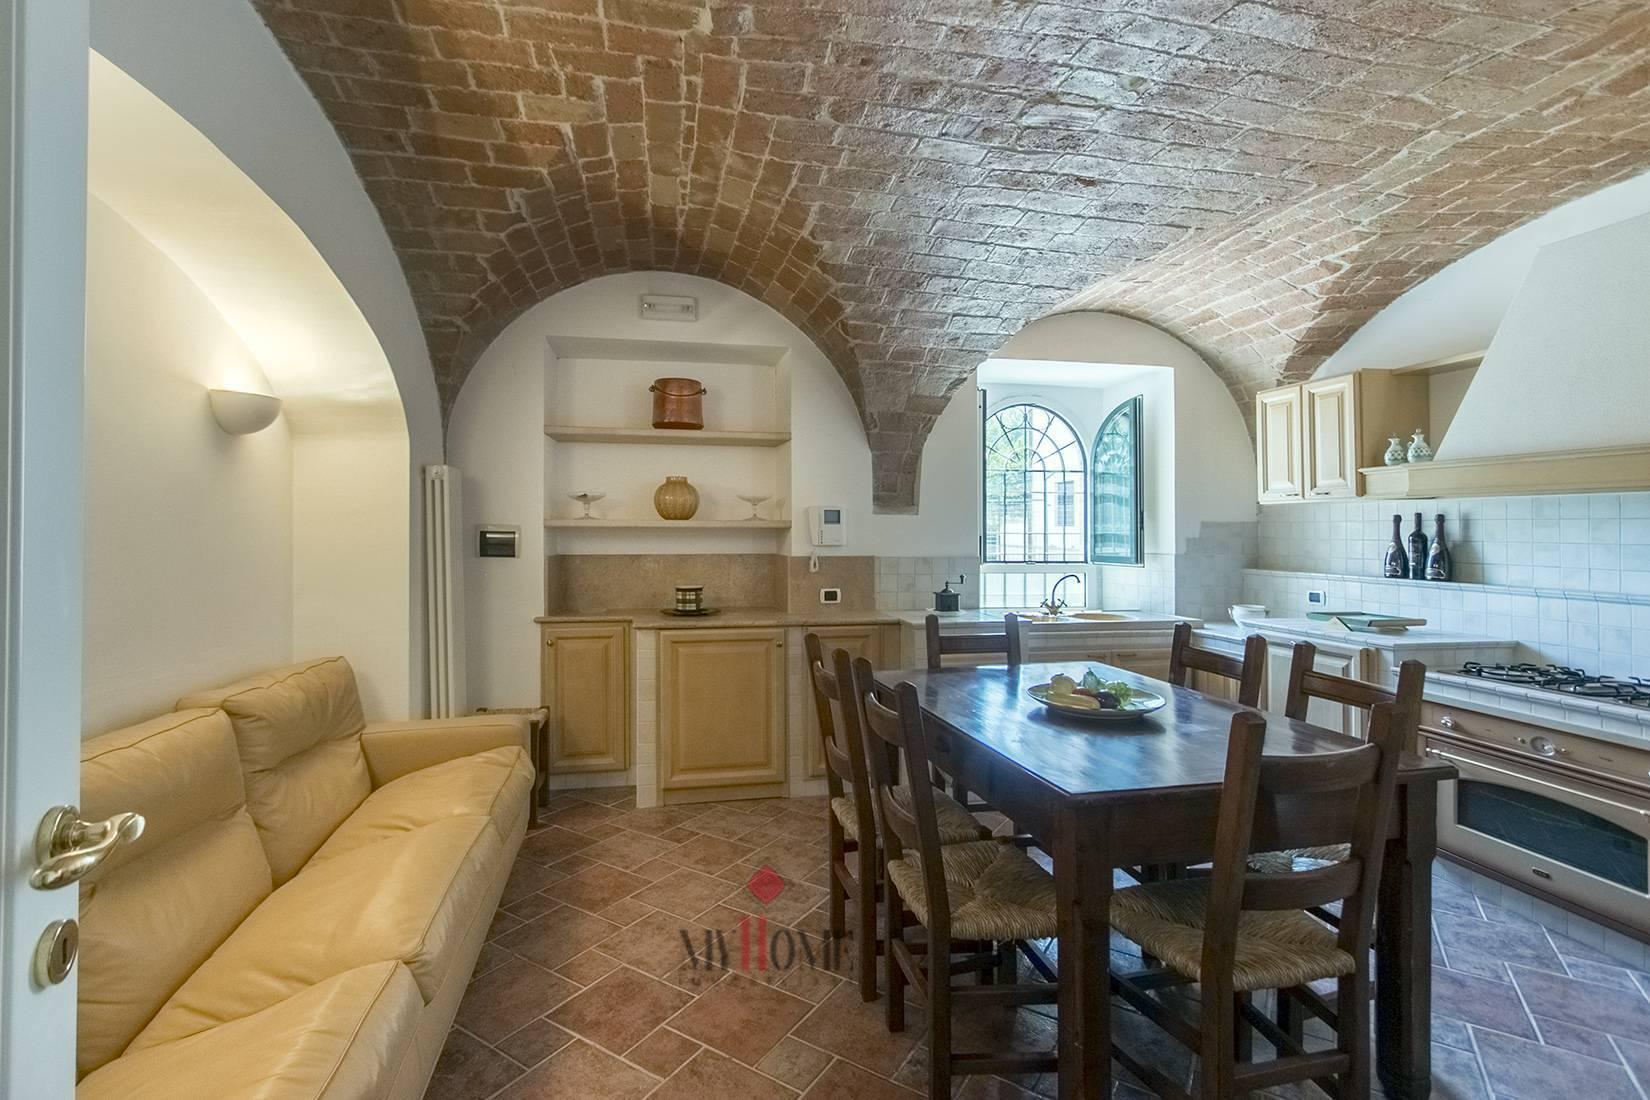 Appartamento in vendita a Folignano, 5 locali, zona Località: PianediMorro, prezzo € 285.000 | PortaleAgenzieImmobiliari.it